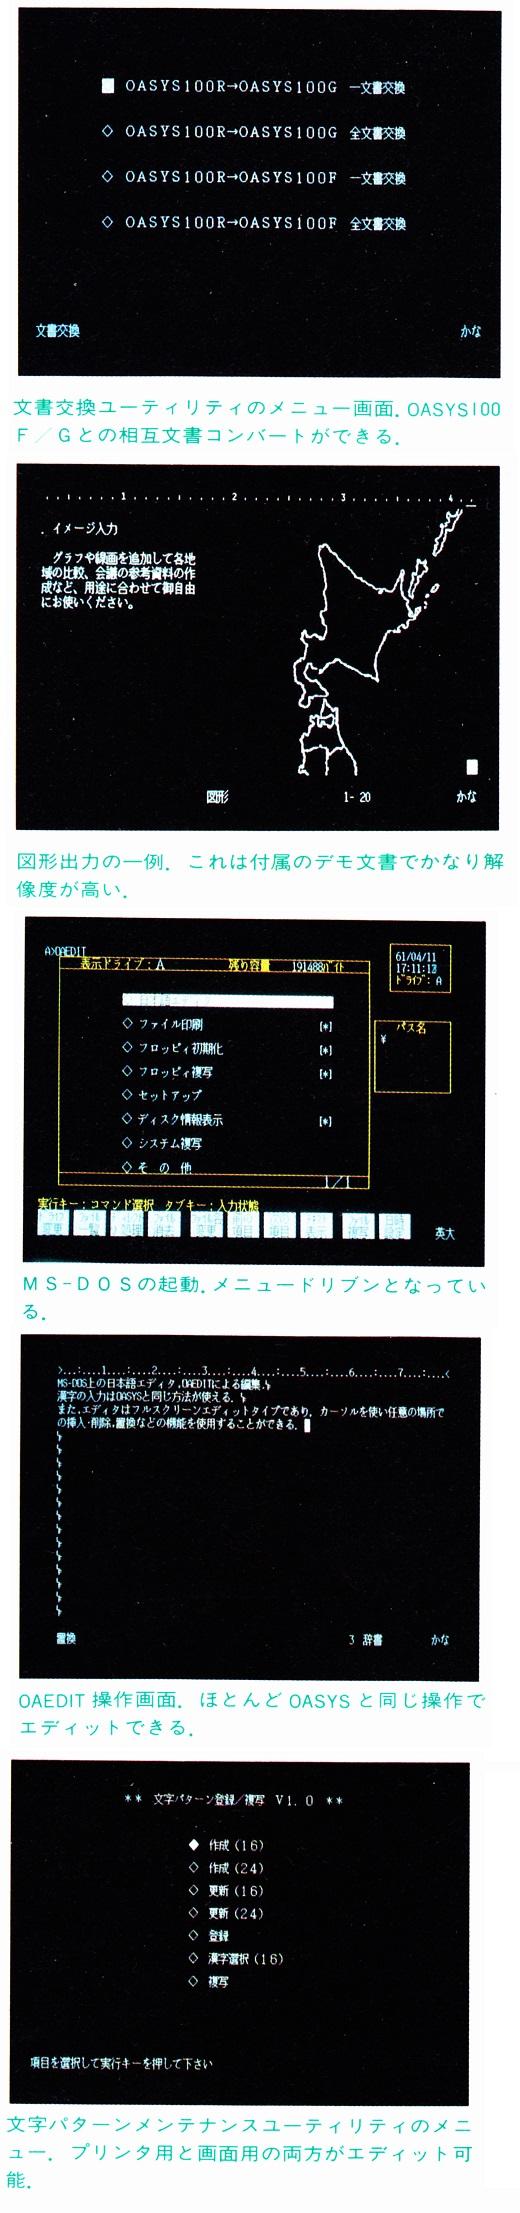 ASCII1986(06)e03OASYS_100R_画面_カラー雑誌スキャン_W520.jpg